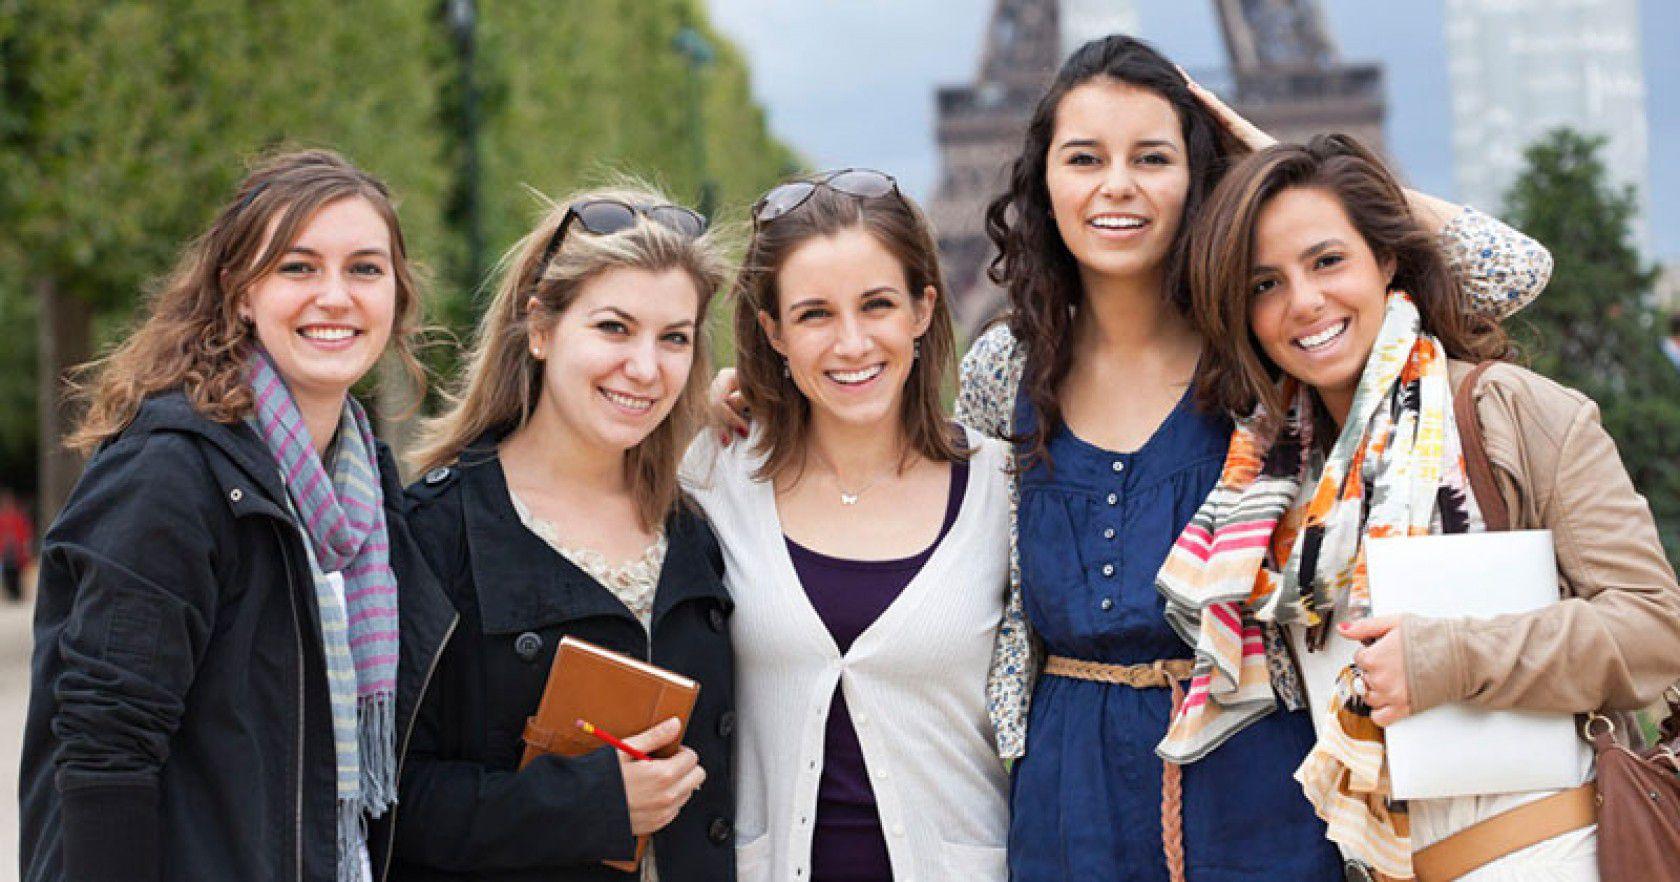 Avrupa'da lise eğitimi almak isteyenleri bekleyen süreçler